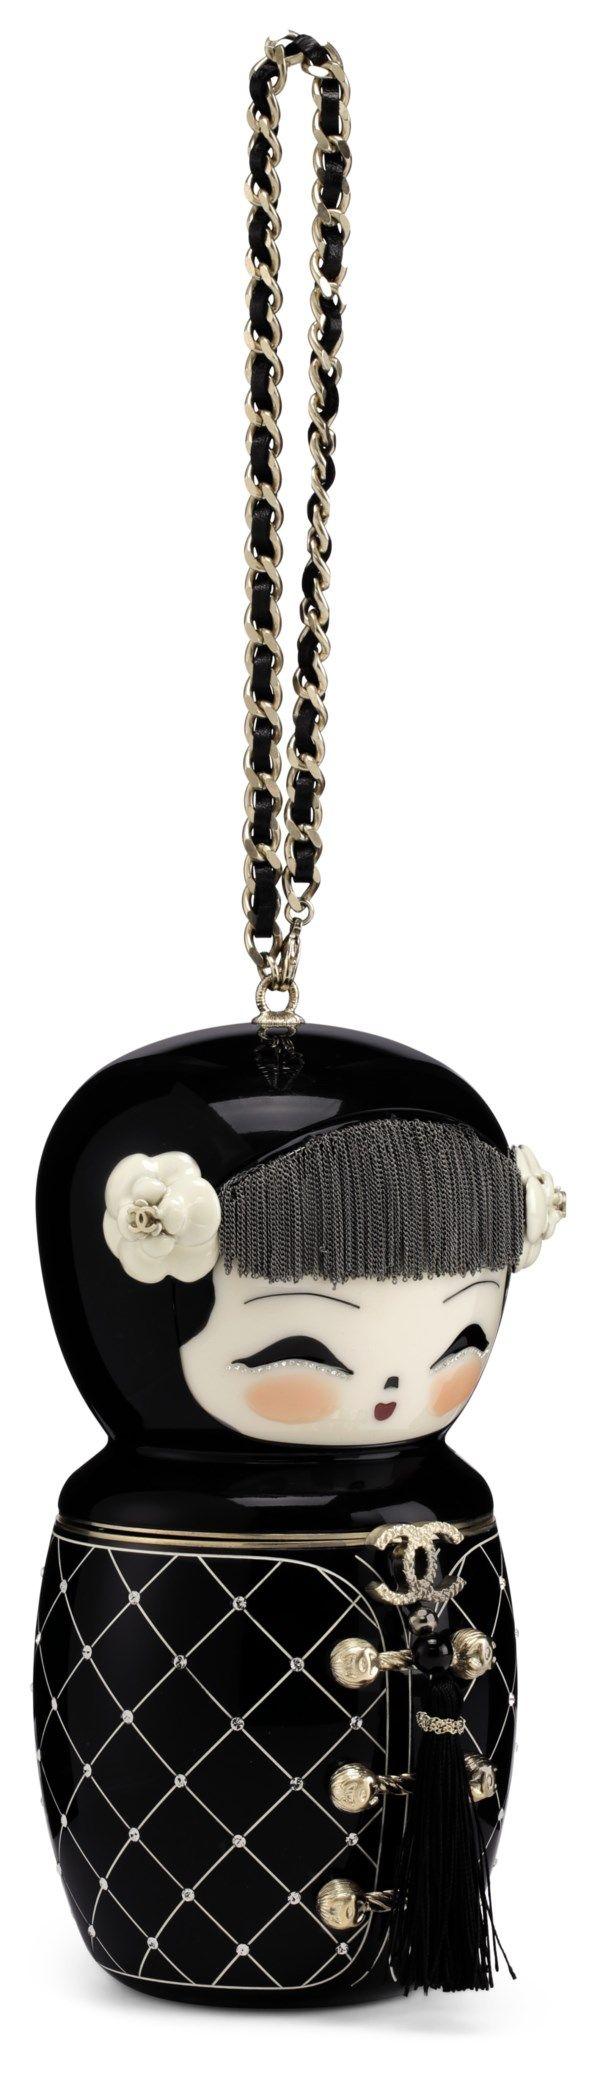 Chanel Métiers D'Art Paris-Shanghai Black Lucite Matryoshka (foto: christie's)